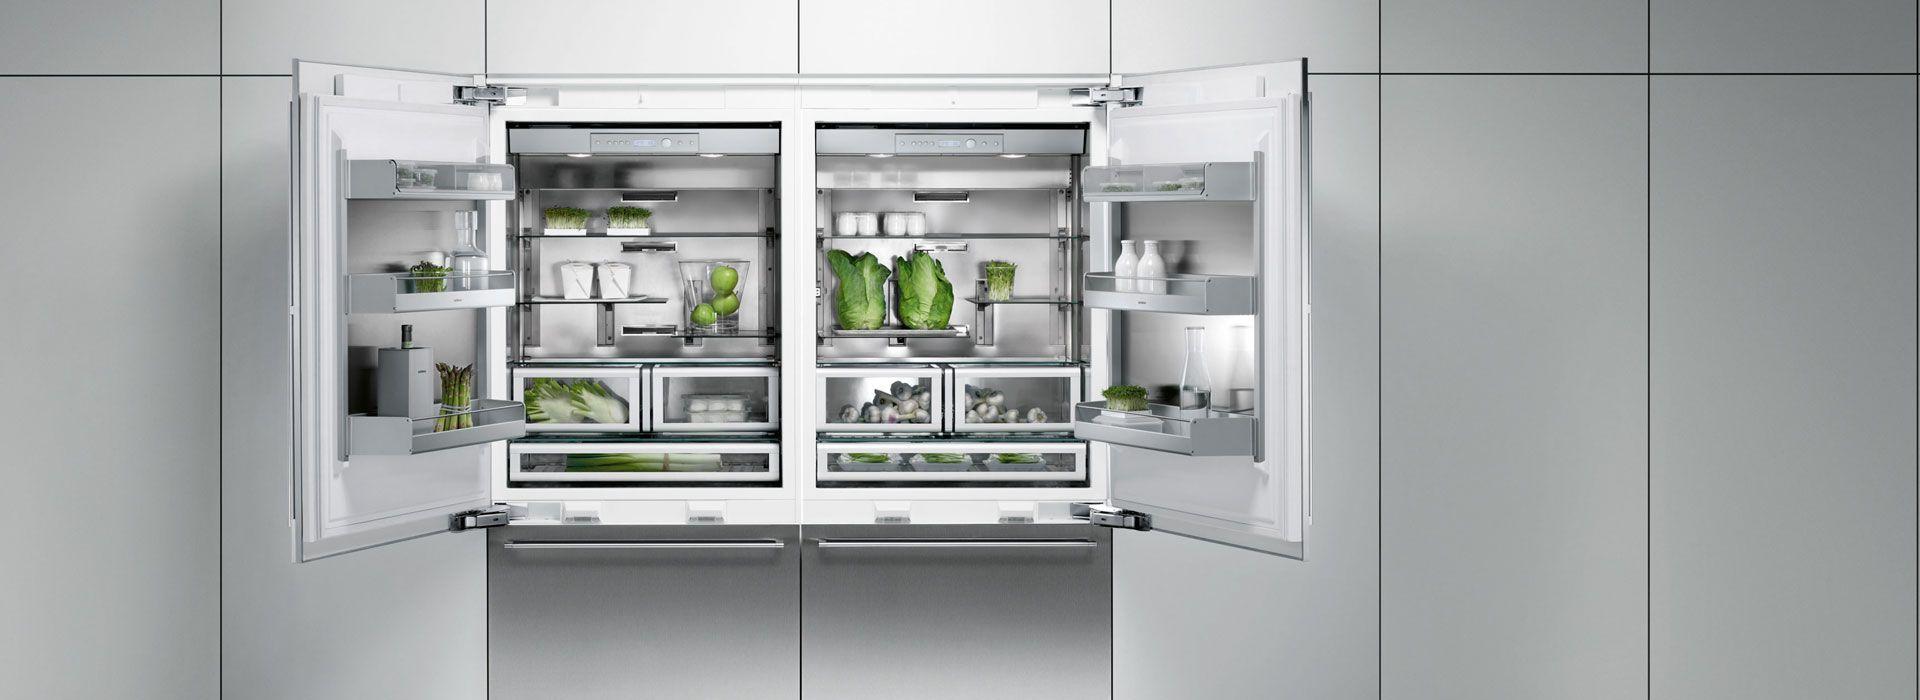 gaggenau2  #appliances #gaggenau #kitchen Pinned by www.modlar.com